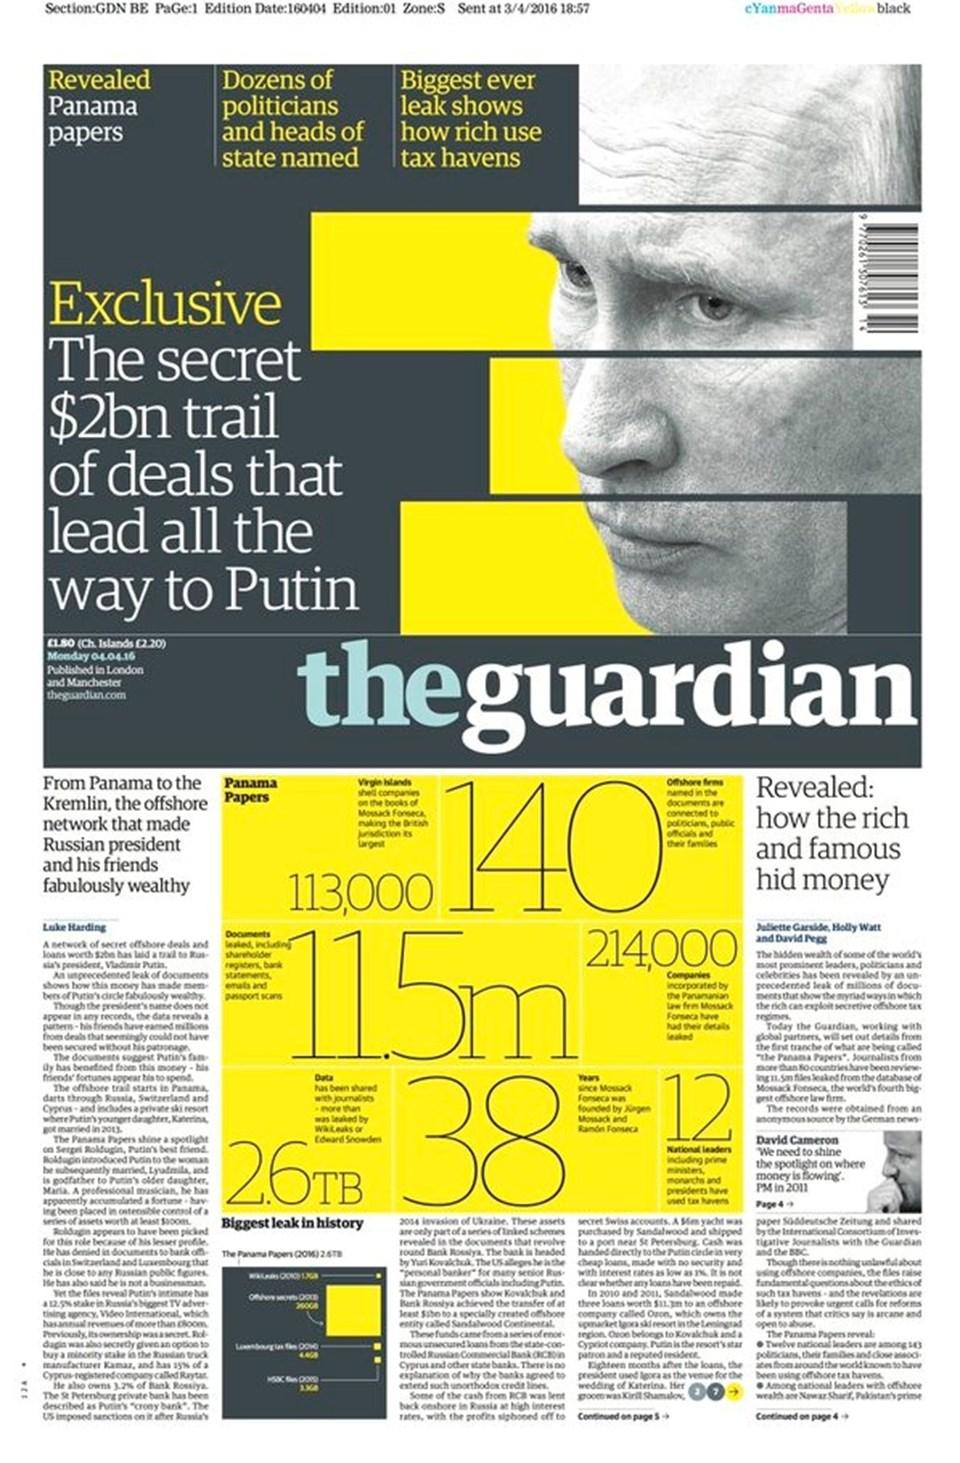 """İngiliz Guardian gazetesi """"Panama papers"""" olayını manşetten tam sayfa verdi"""